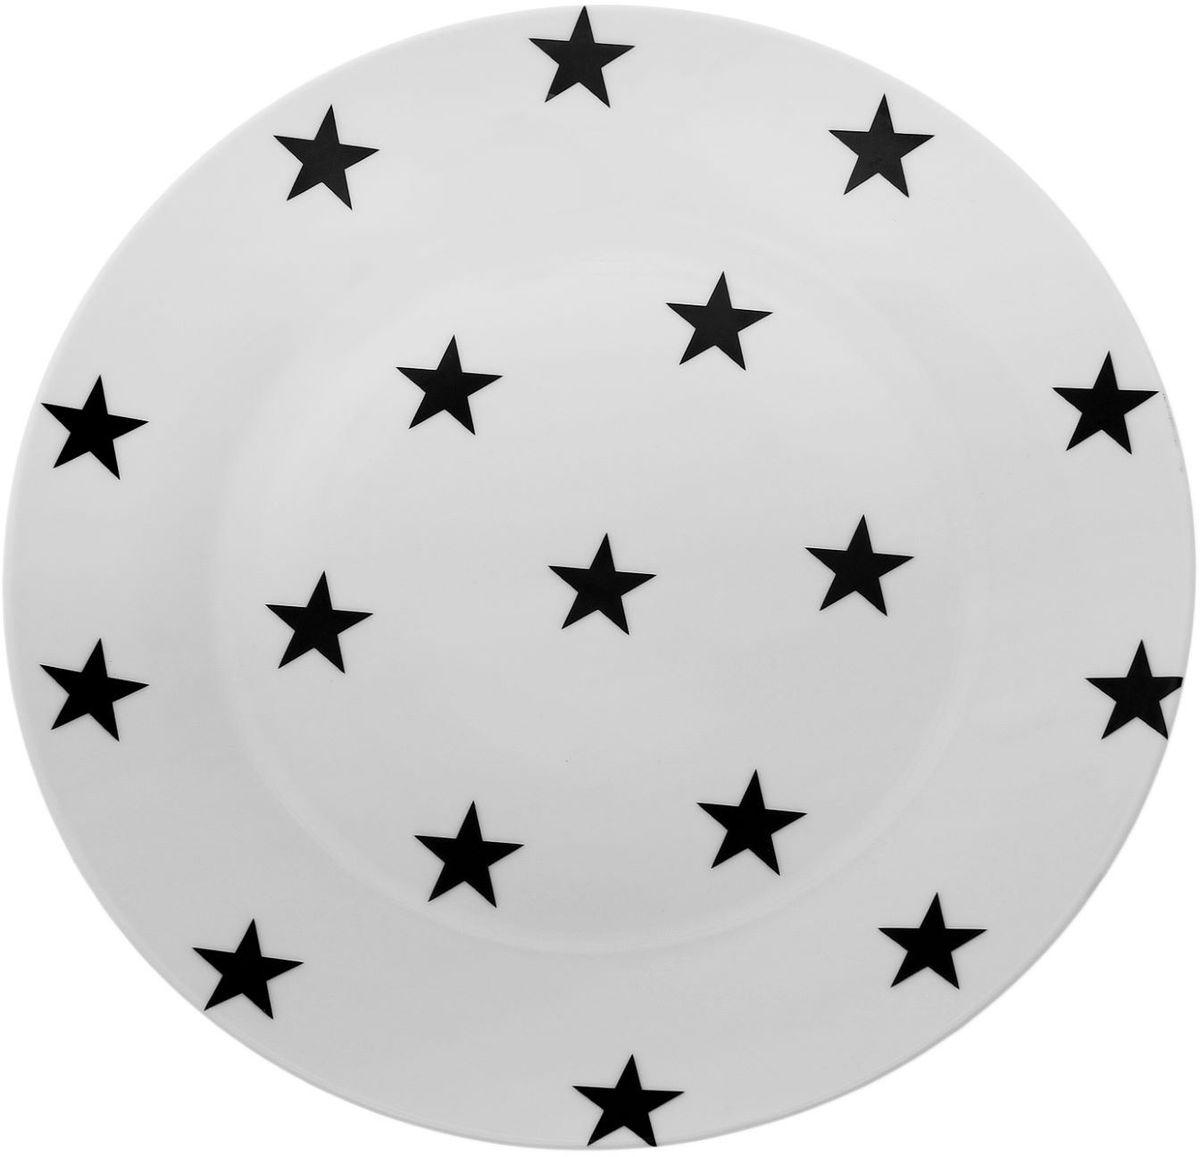 Тарелка Сотвори чудо My Little Star, диаметр 23 см1661831Хотите обновить интерьер кухни или гостиной? Устраиваете необычную фотосессию или тематический праздник? А может, просто ищете подарок для близкого человека? Посуда Сотвори Чудо — правильный выбор в любой ситуации. Тарелка Сотвори Чудо, изготовленная из изящного фаянса нежного сливочного цвета, оформлена оригинальным рисунком со стойкой краской. Пригодна для посудомоечной машины.